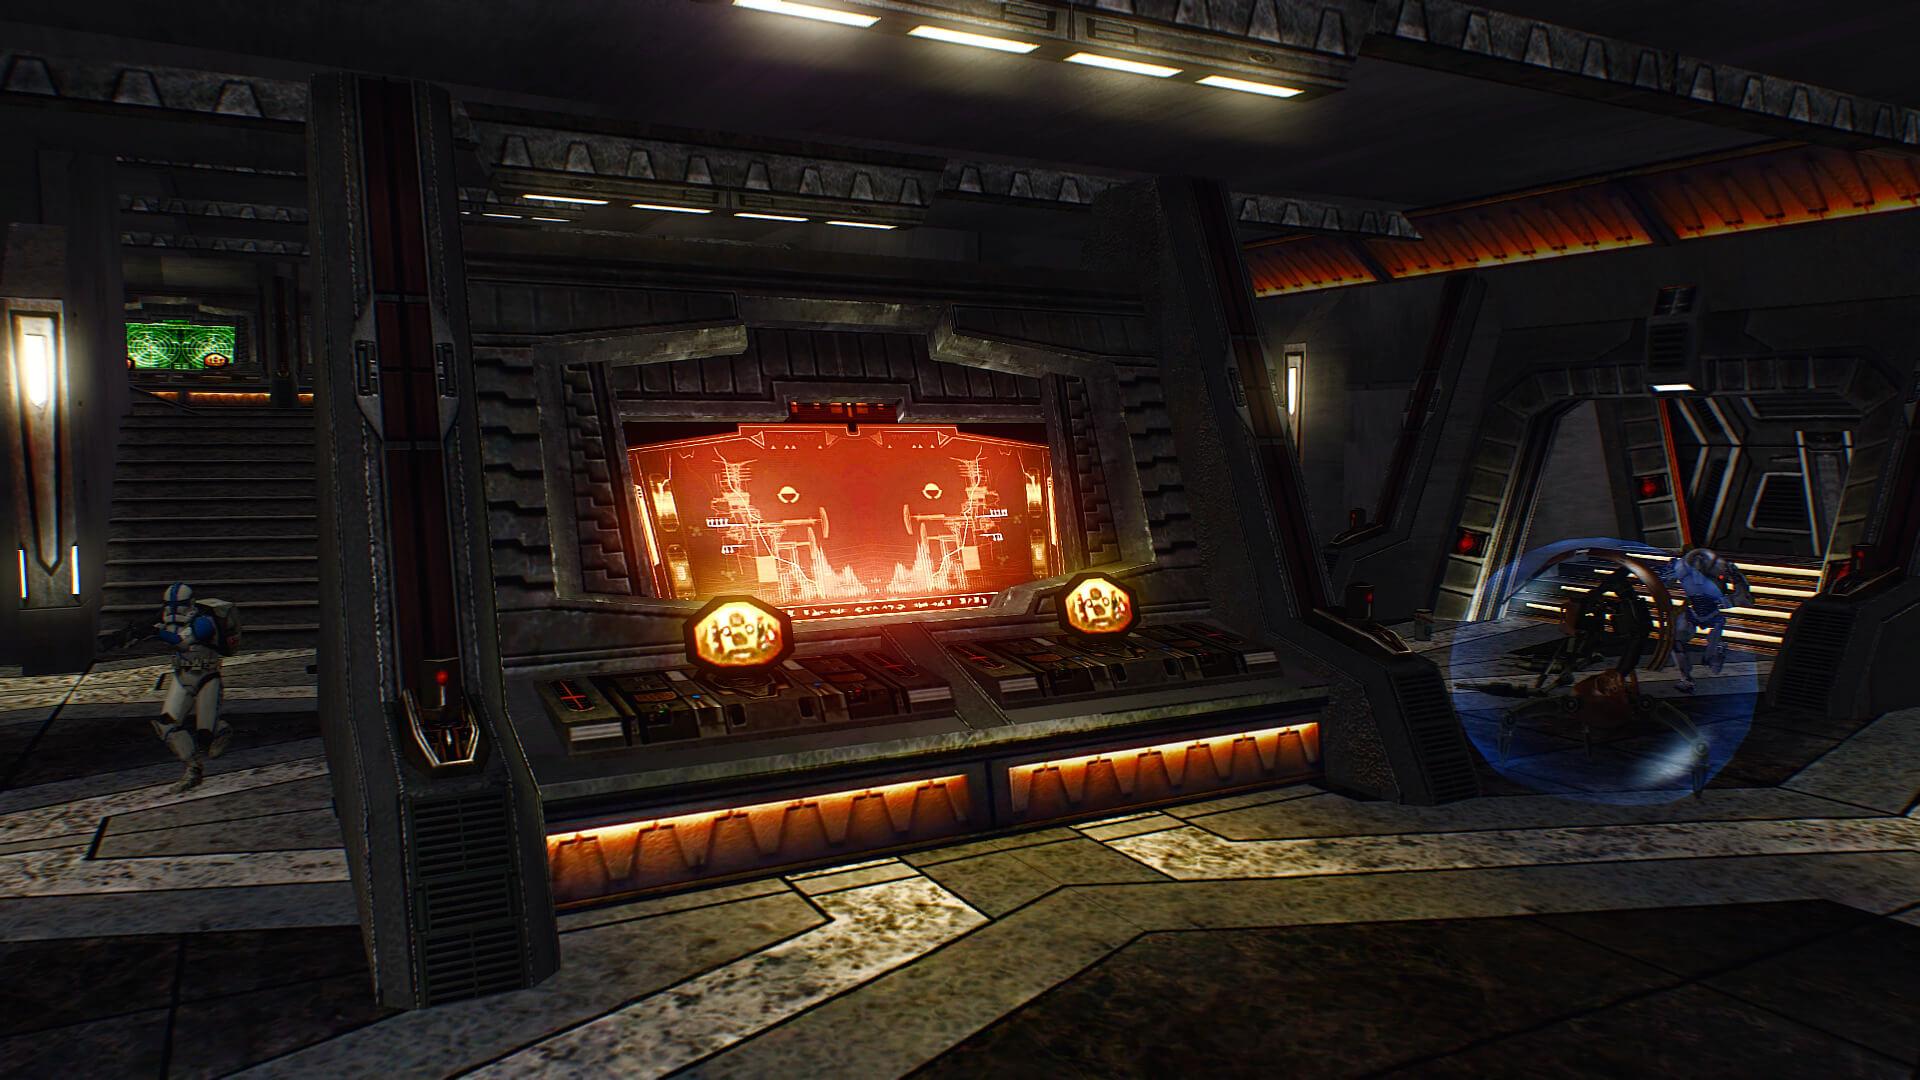 New maps & 3D models released for Star Wars Battlefront 2